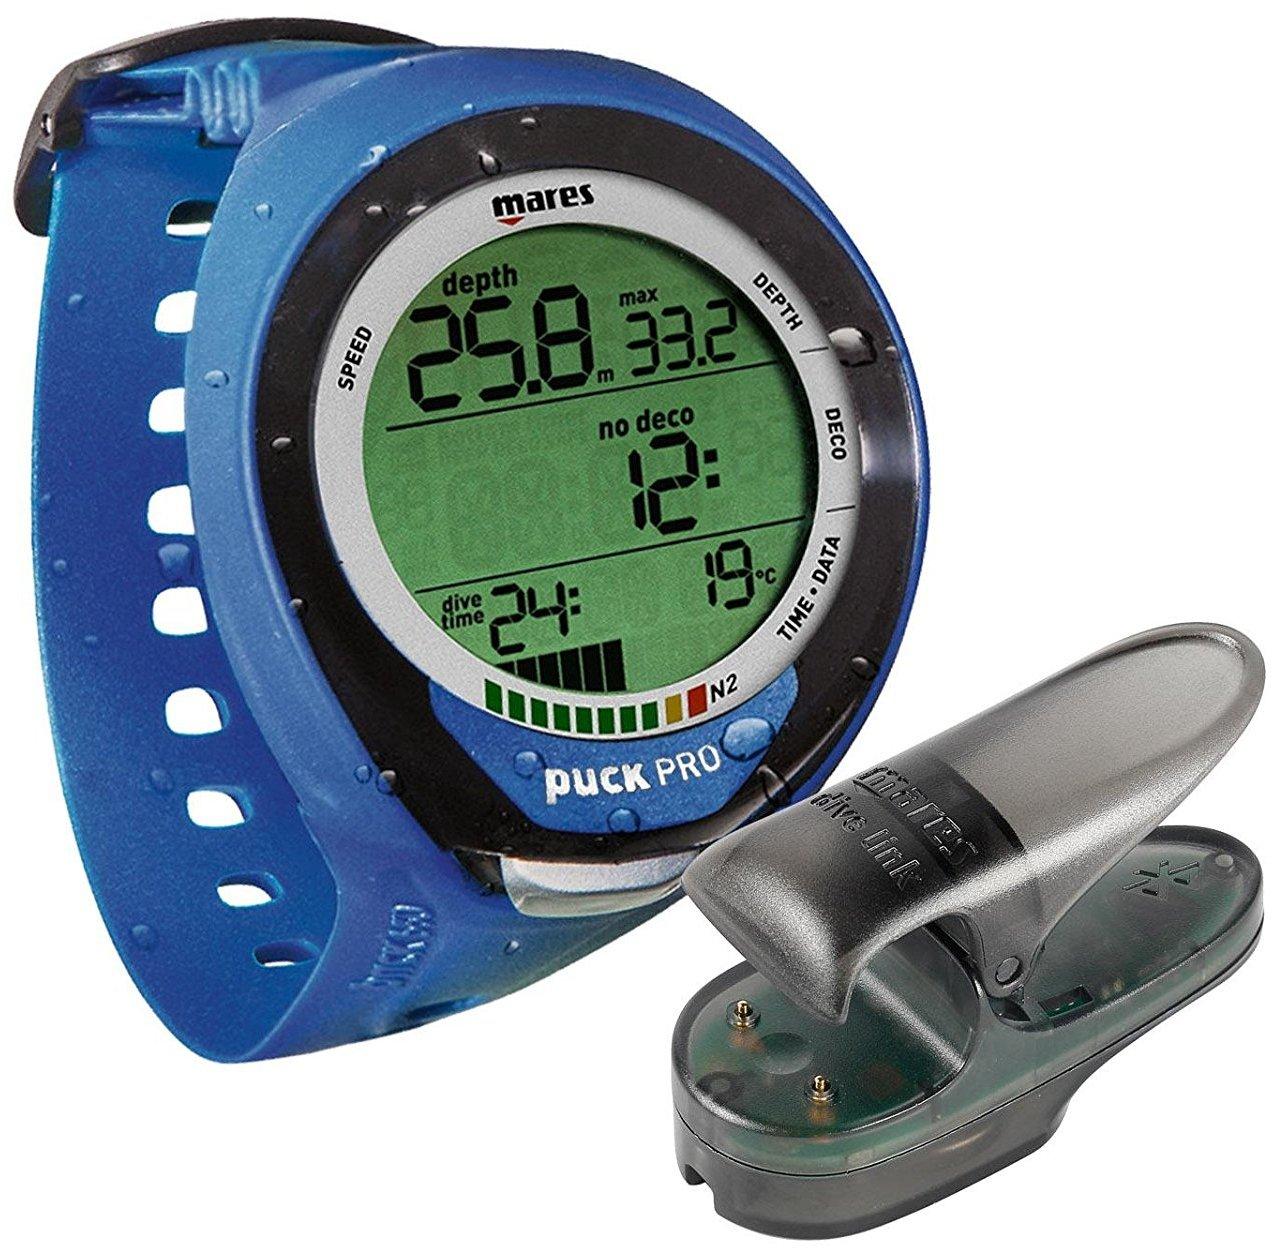 Mares Puck Pro Plus Blue Dive Computer with Bluelink Pro